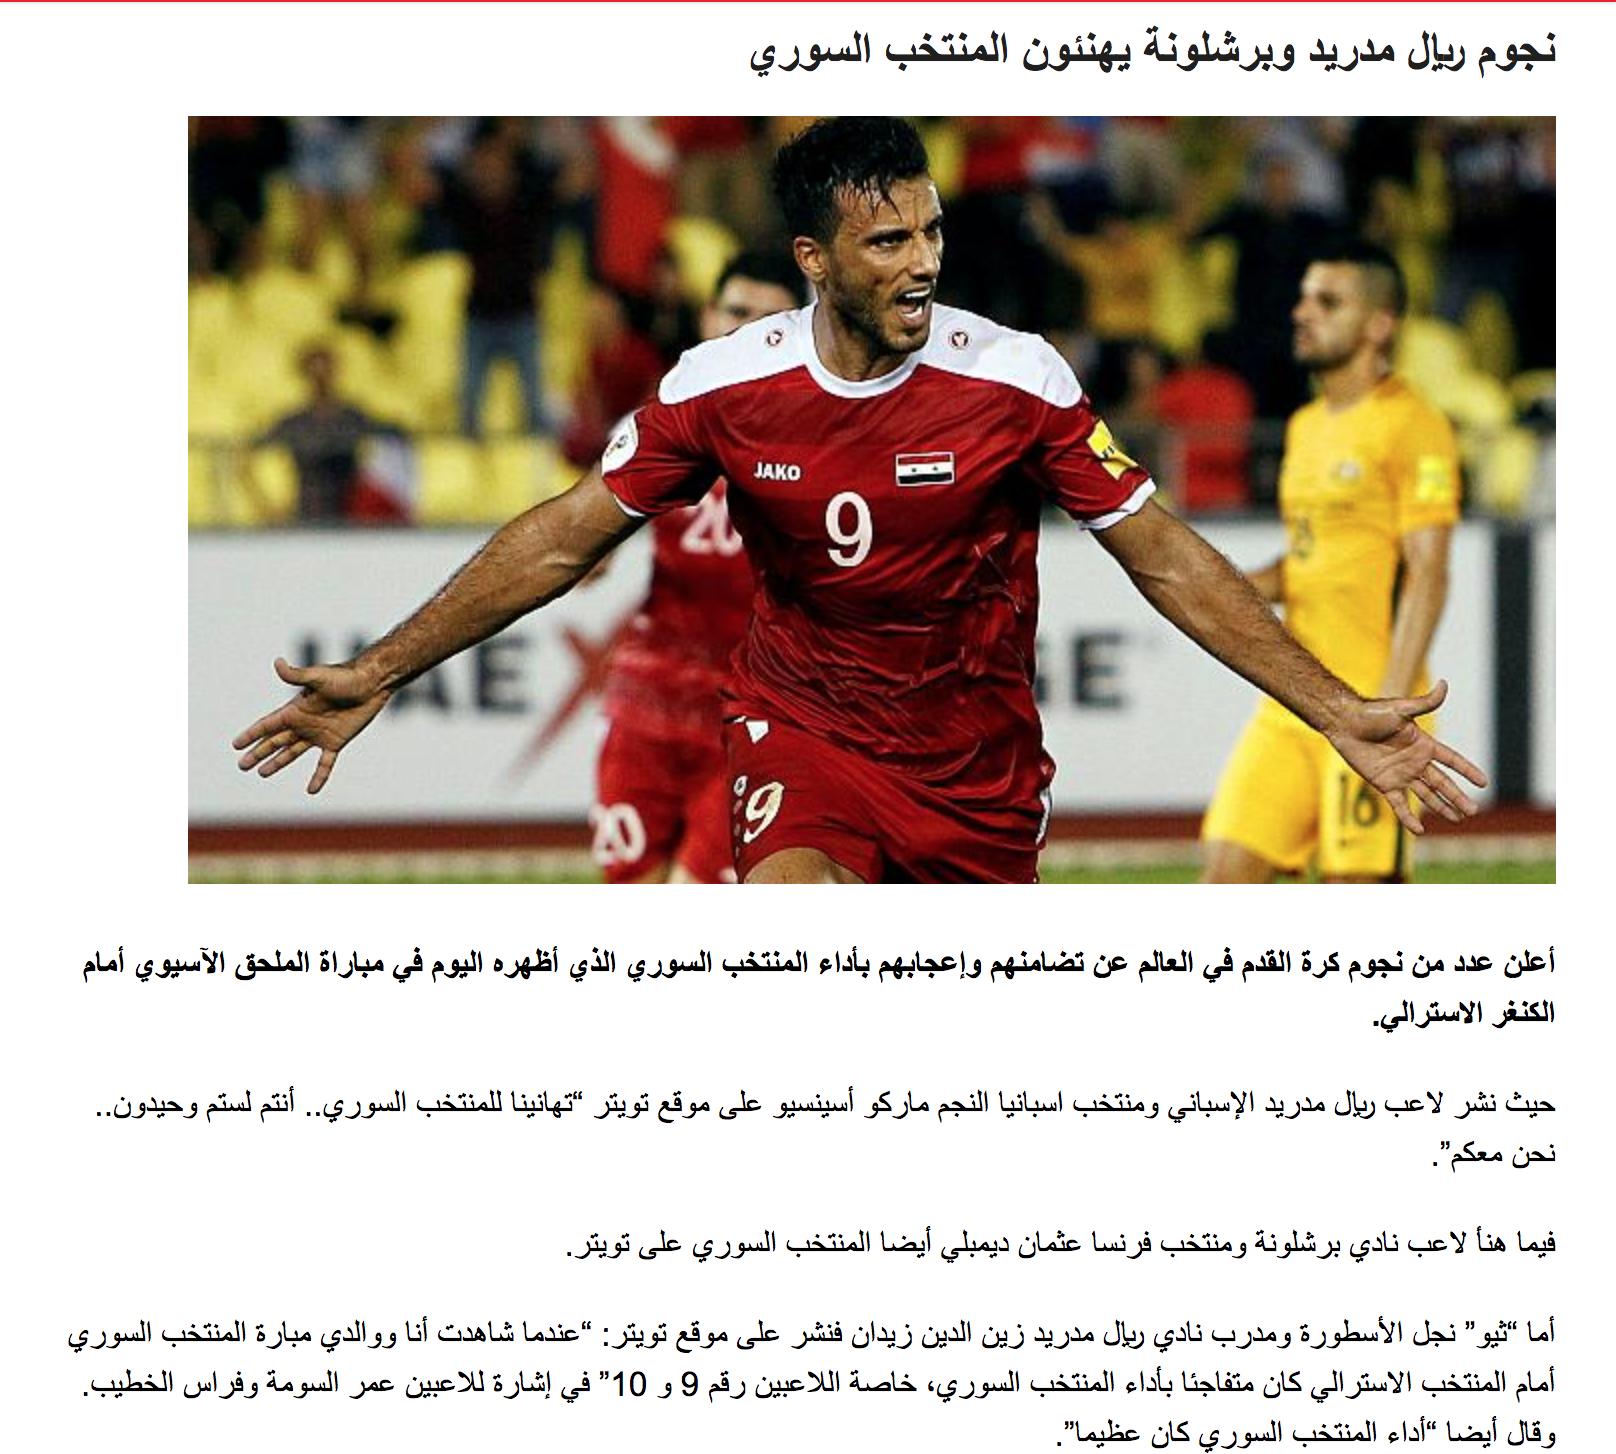 """تقرير صحيفة """"الوطن"""" عن مباركة نجوم ريال مدريد وبرشلونة للمنتخب السوري"""